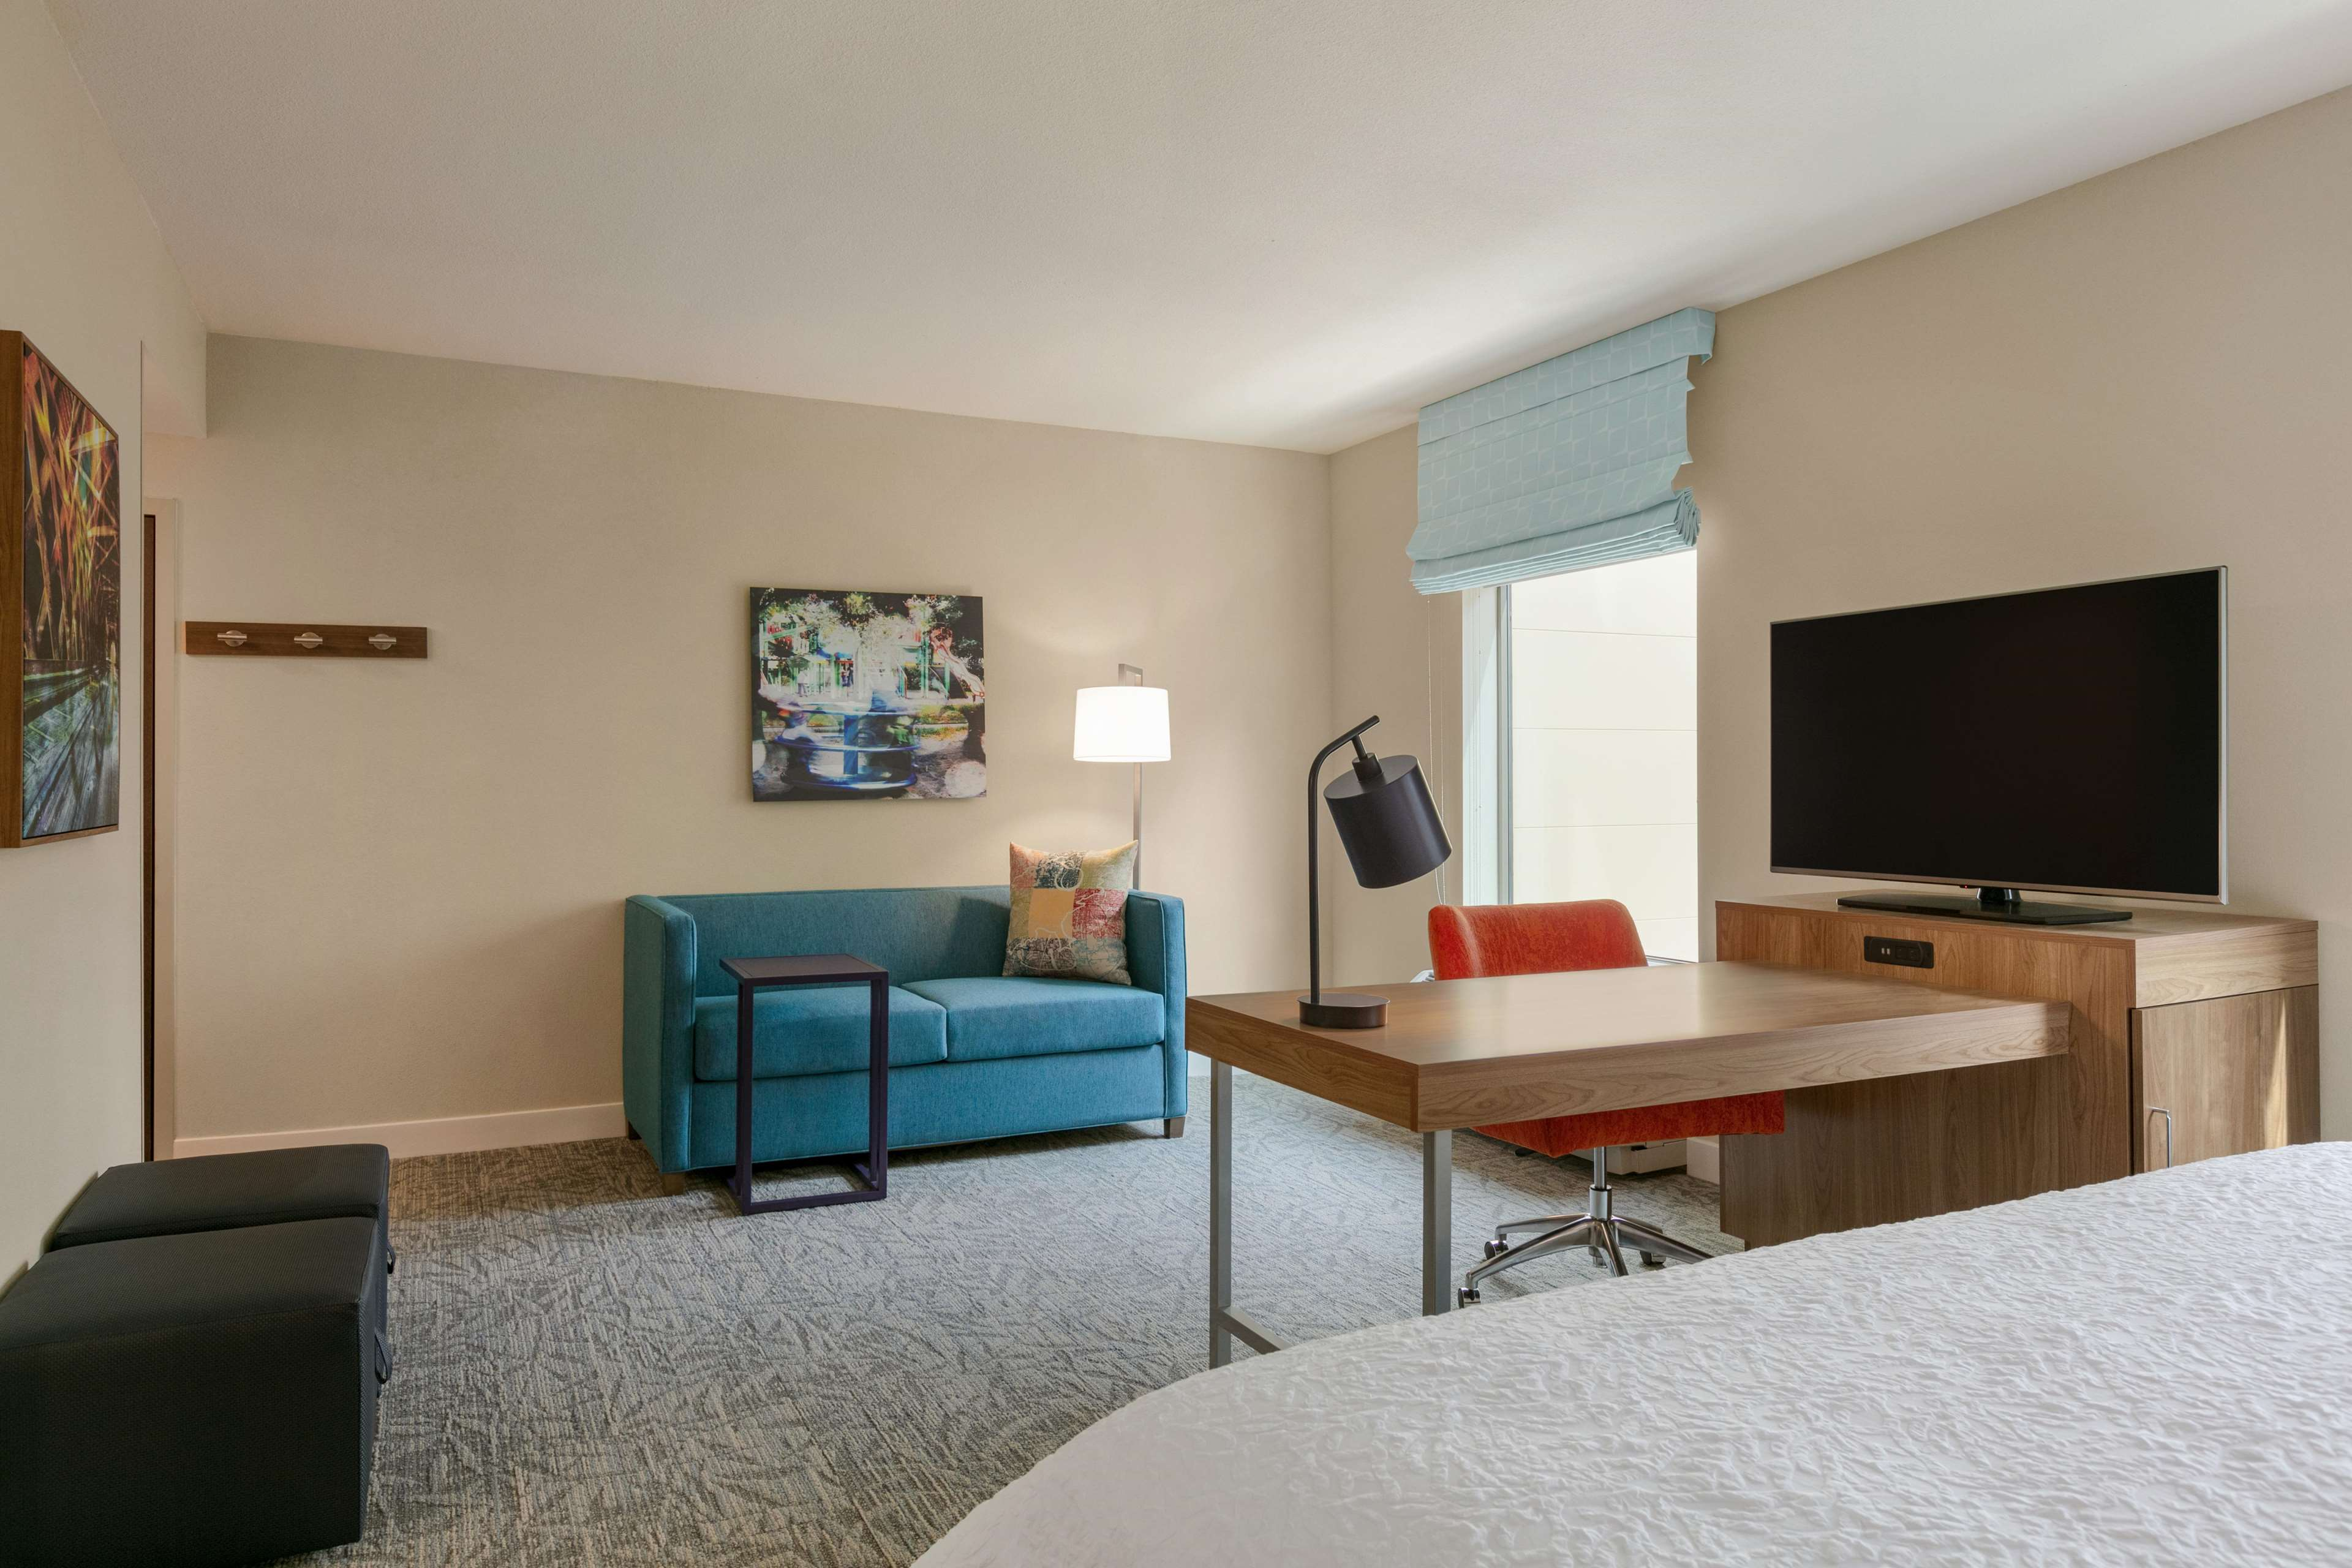 Hampton Inn and Suites Johns Creek image 22